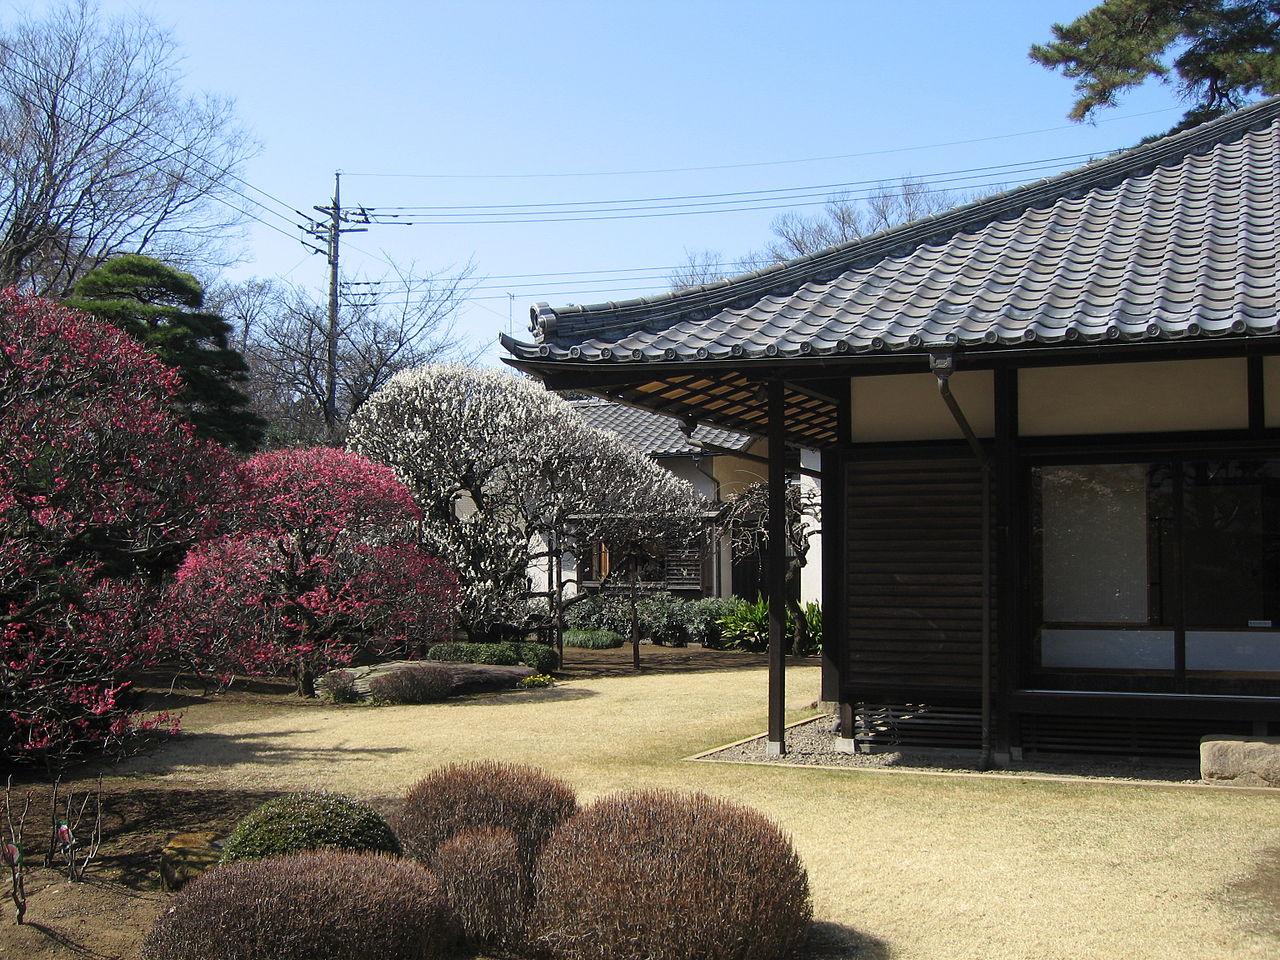 1280px-小平市平櫛田中彫刻美術館記念館庭園.JPG